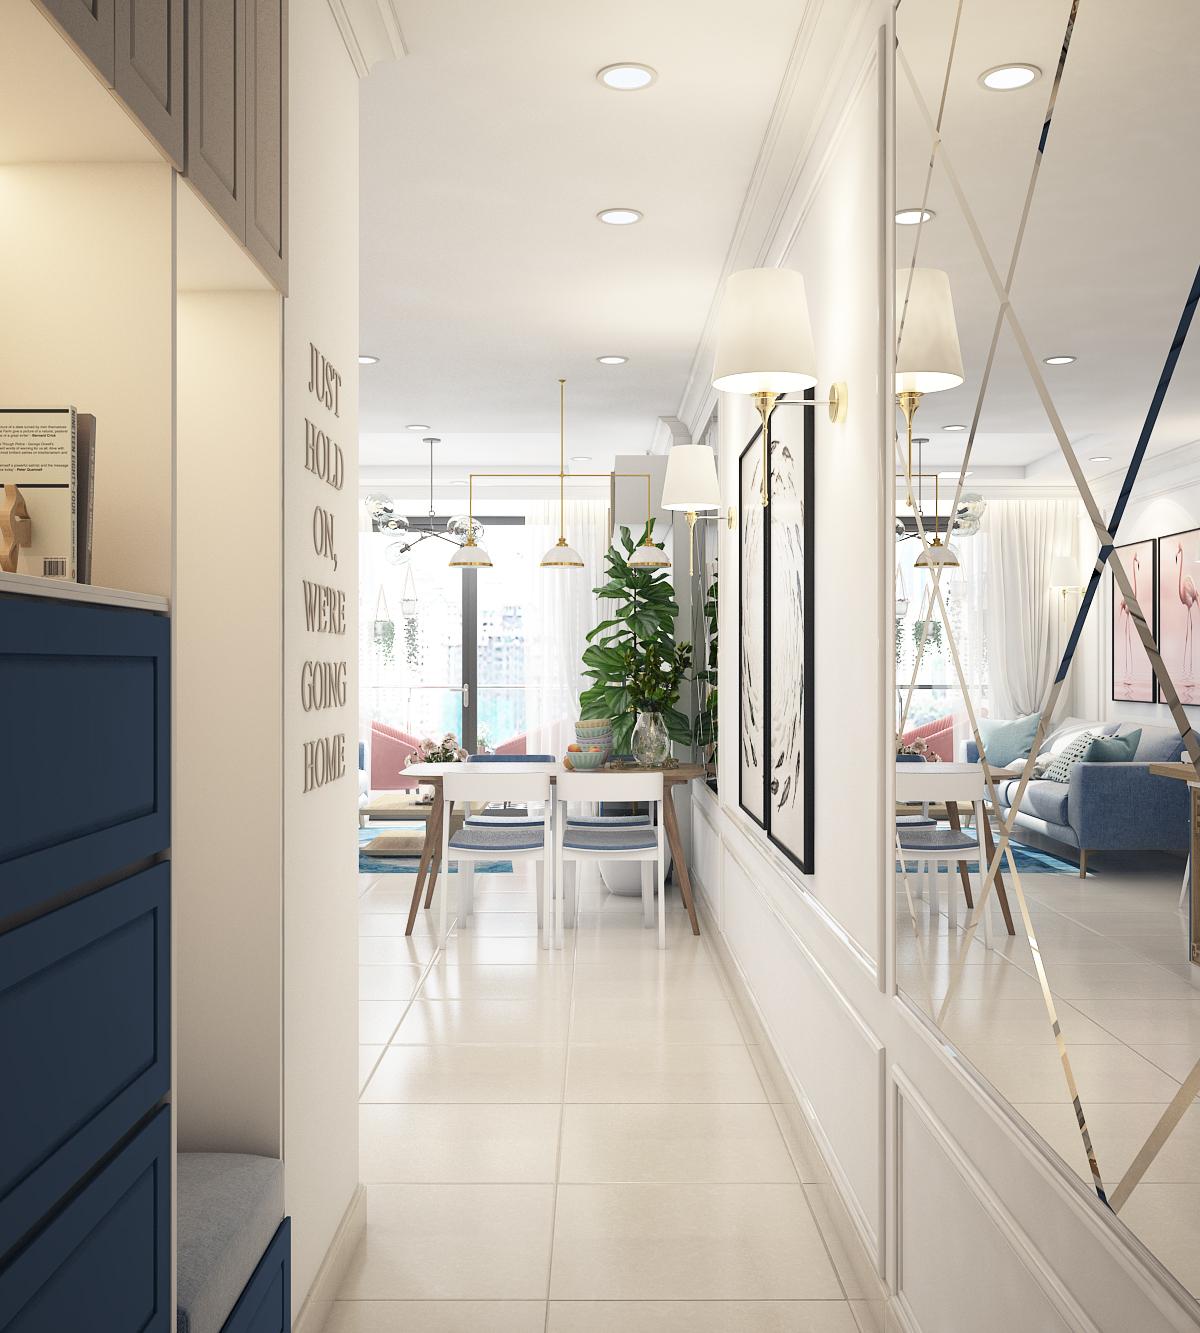 thiết kế nội thất chung cư tại Hồ Chí Minh Chị Ngọc_Goldview 8 1550734617